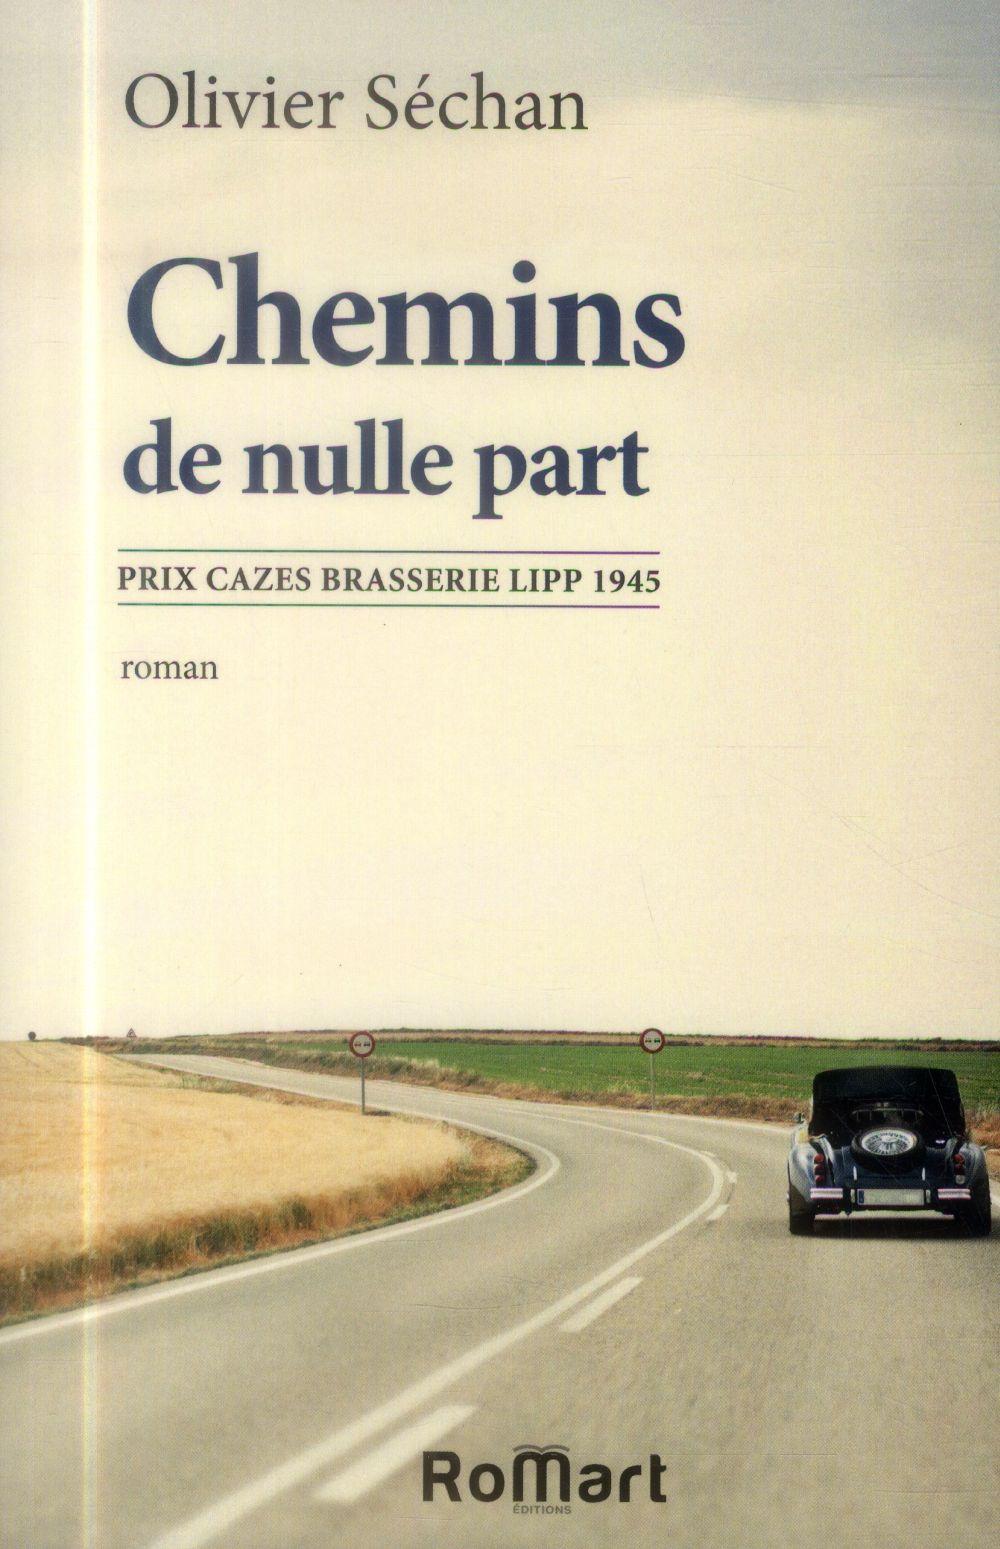 LES CHEMINS DE NULLE PART